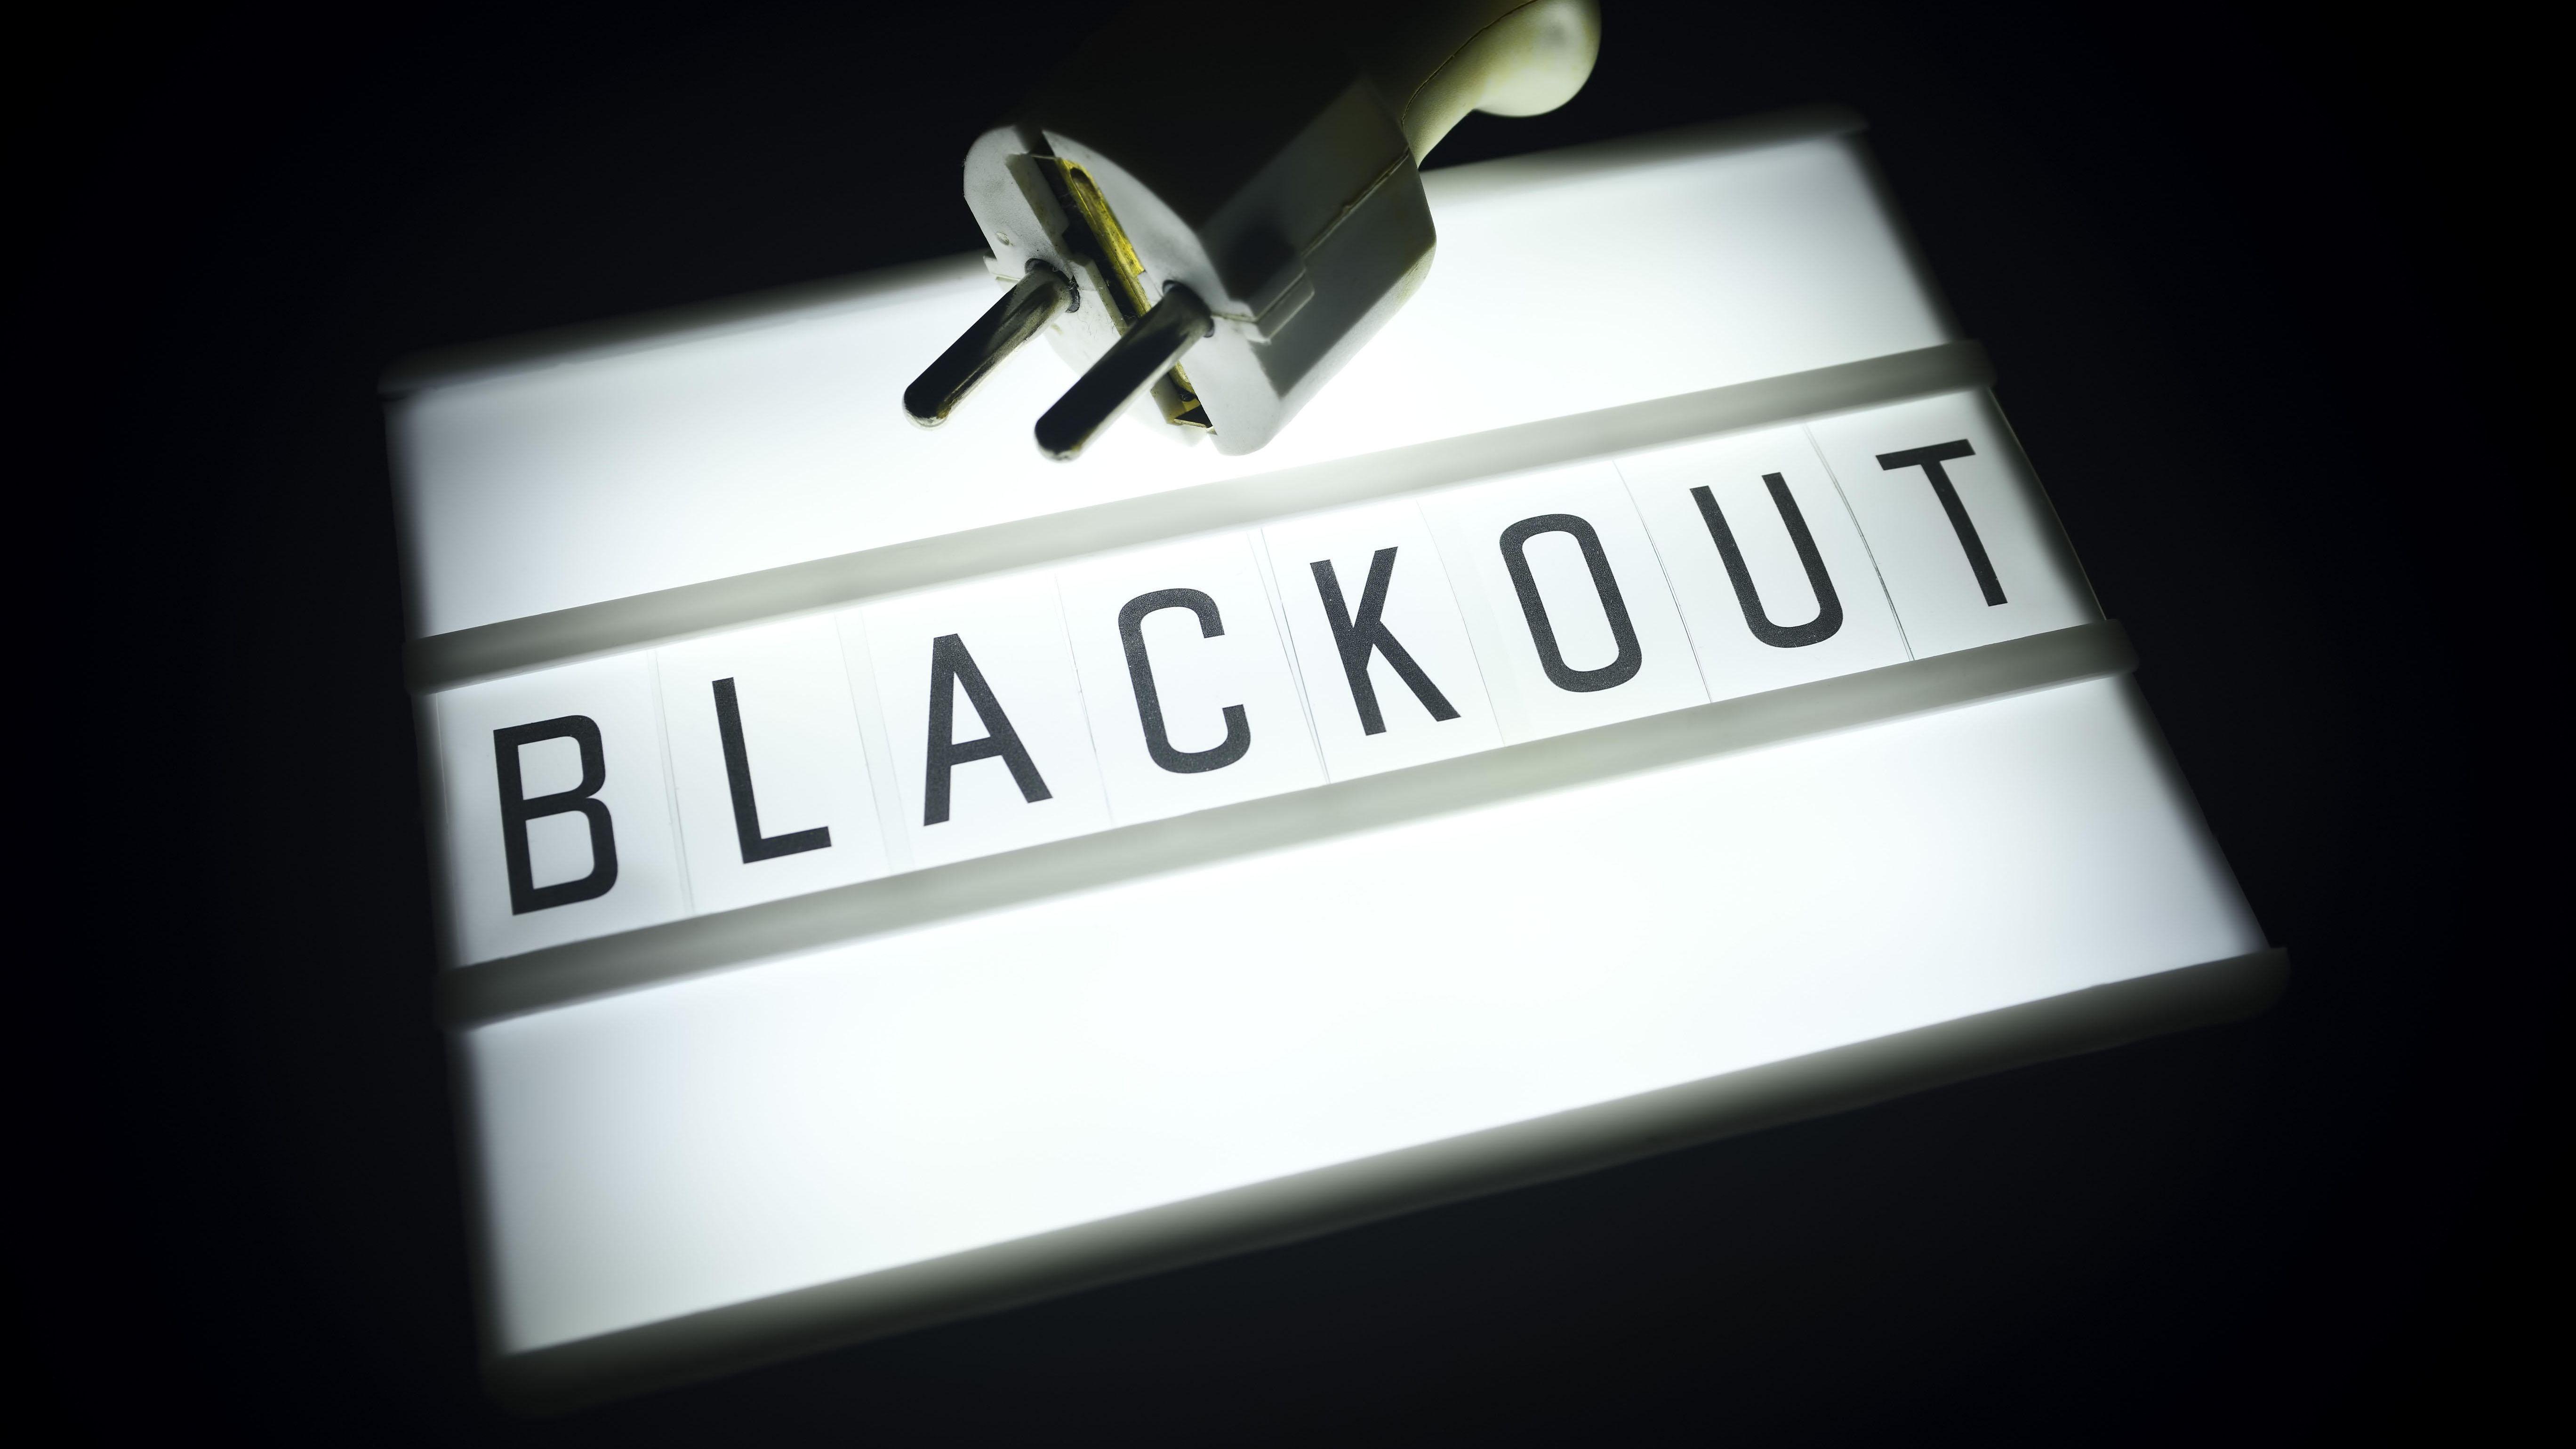 Symbolbild: Leuchttafel mit der Aufschrift Blackout und einem Stromstecker